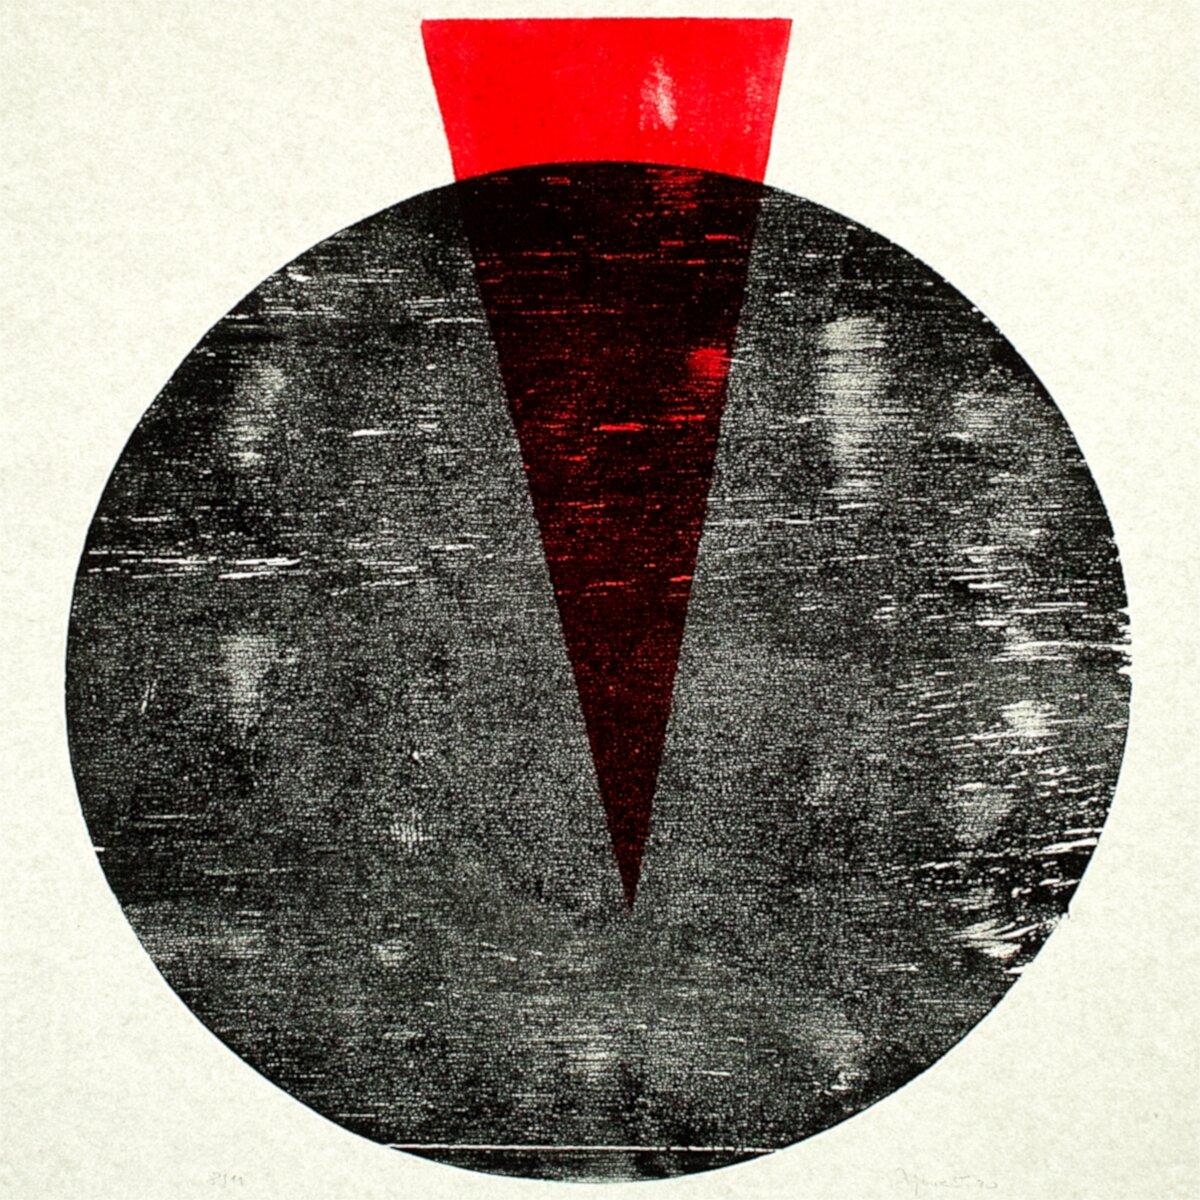 ohne titel, Holzschnitt auf Papier, 33 x 38cm, 2021